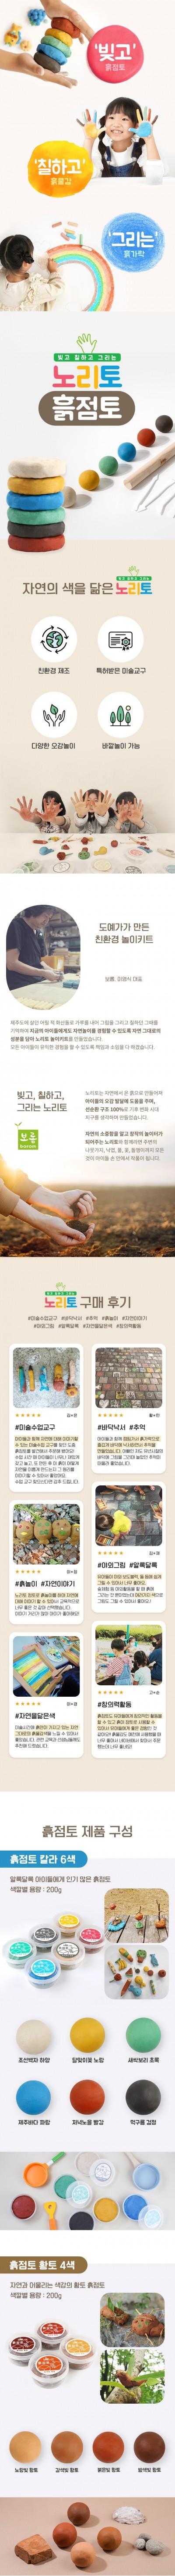 [D209]친환경 놀이키트 상세페이지 제작 + 촬영